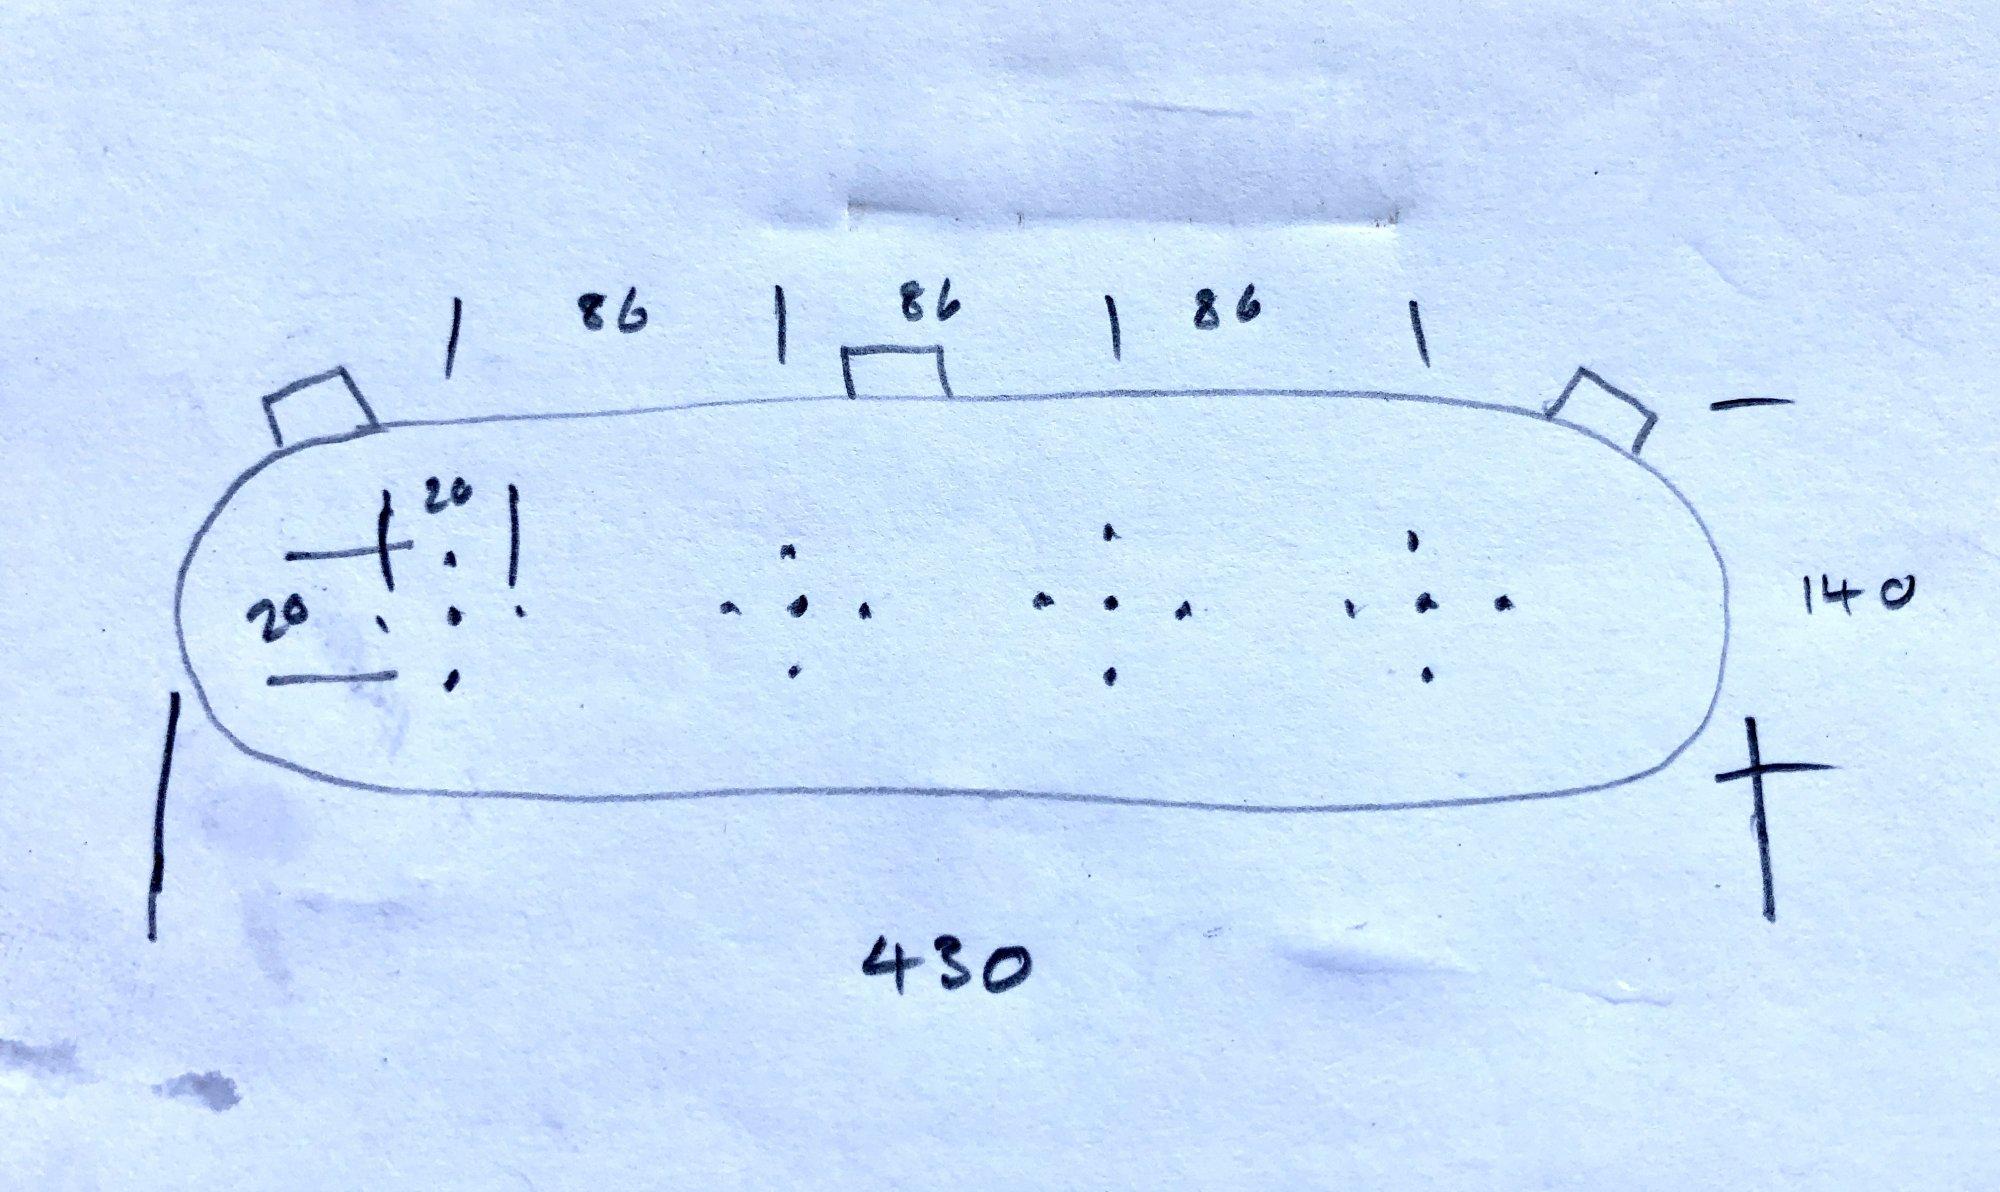 75B6E013-9019-4A9E-9FDC-B696C635E28C.jpeg